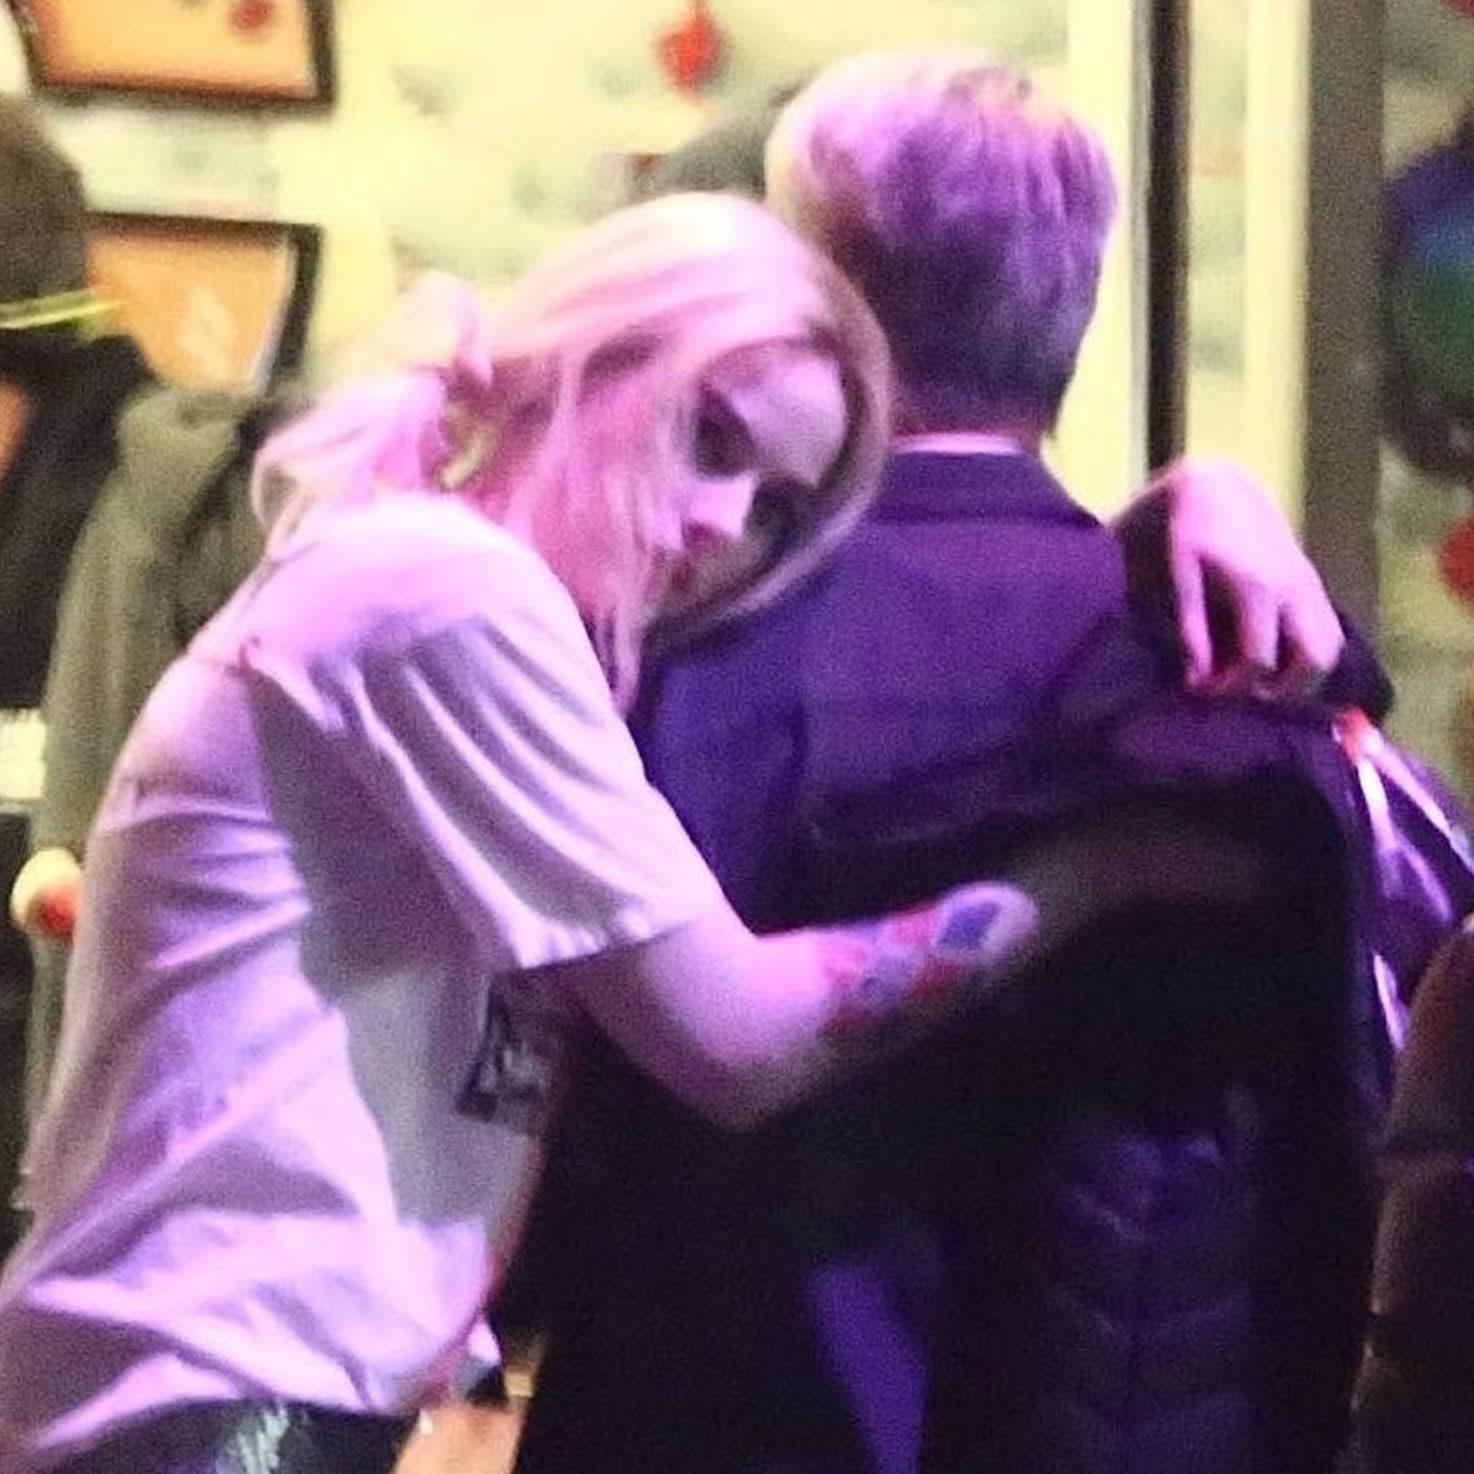 Margot Robbie filming the night scene of Birds of Prey : DCコミックスの戦うヒロイン映画「バーズ・オブ・プレイ」の夜のゴッサム・シティで、住みかを失ったのか、荷物を抱えて、しょんぼりのハーレー・クインのマーゴット・ロビー ! !